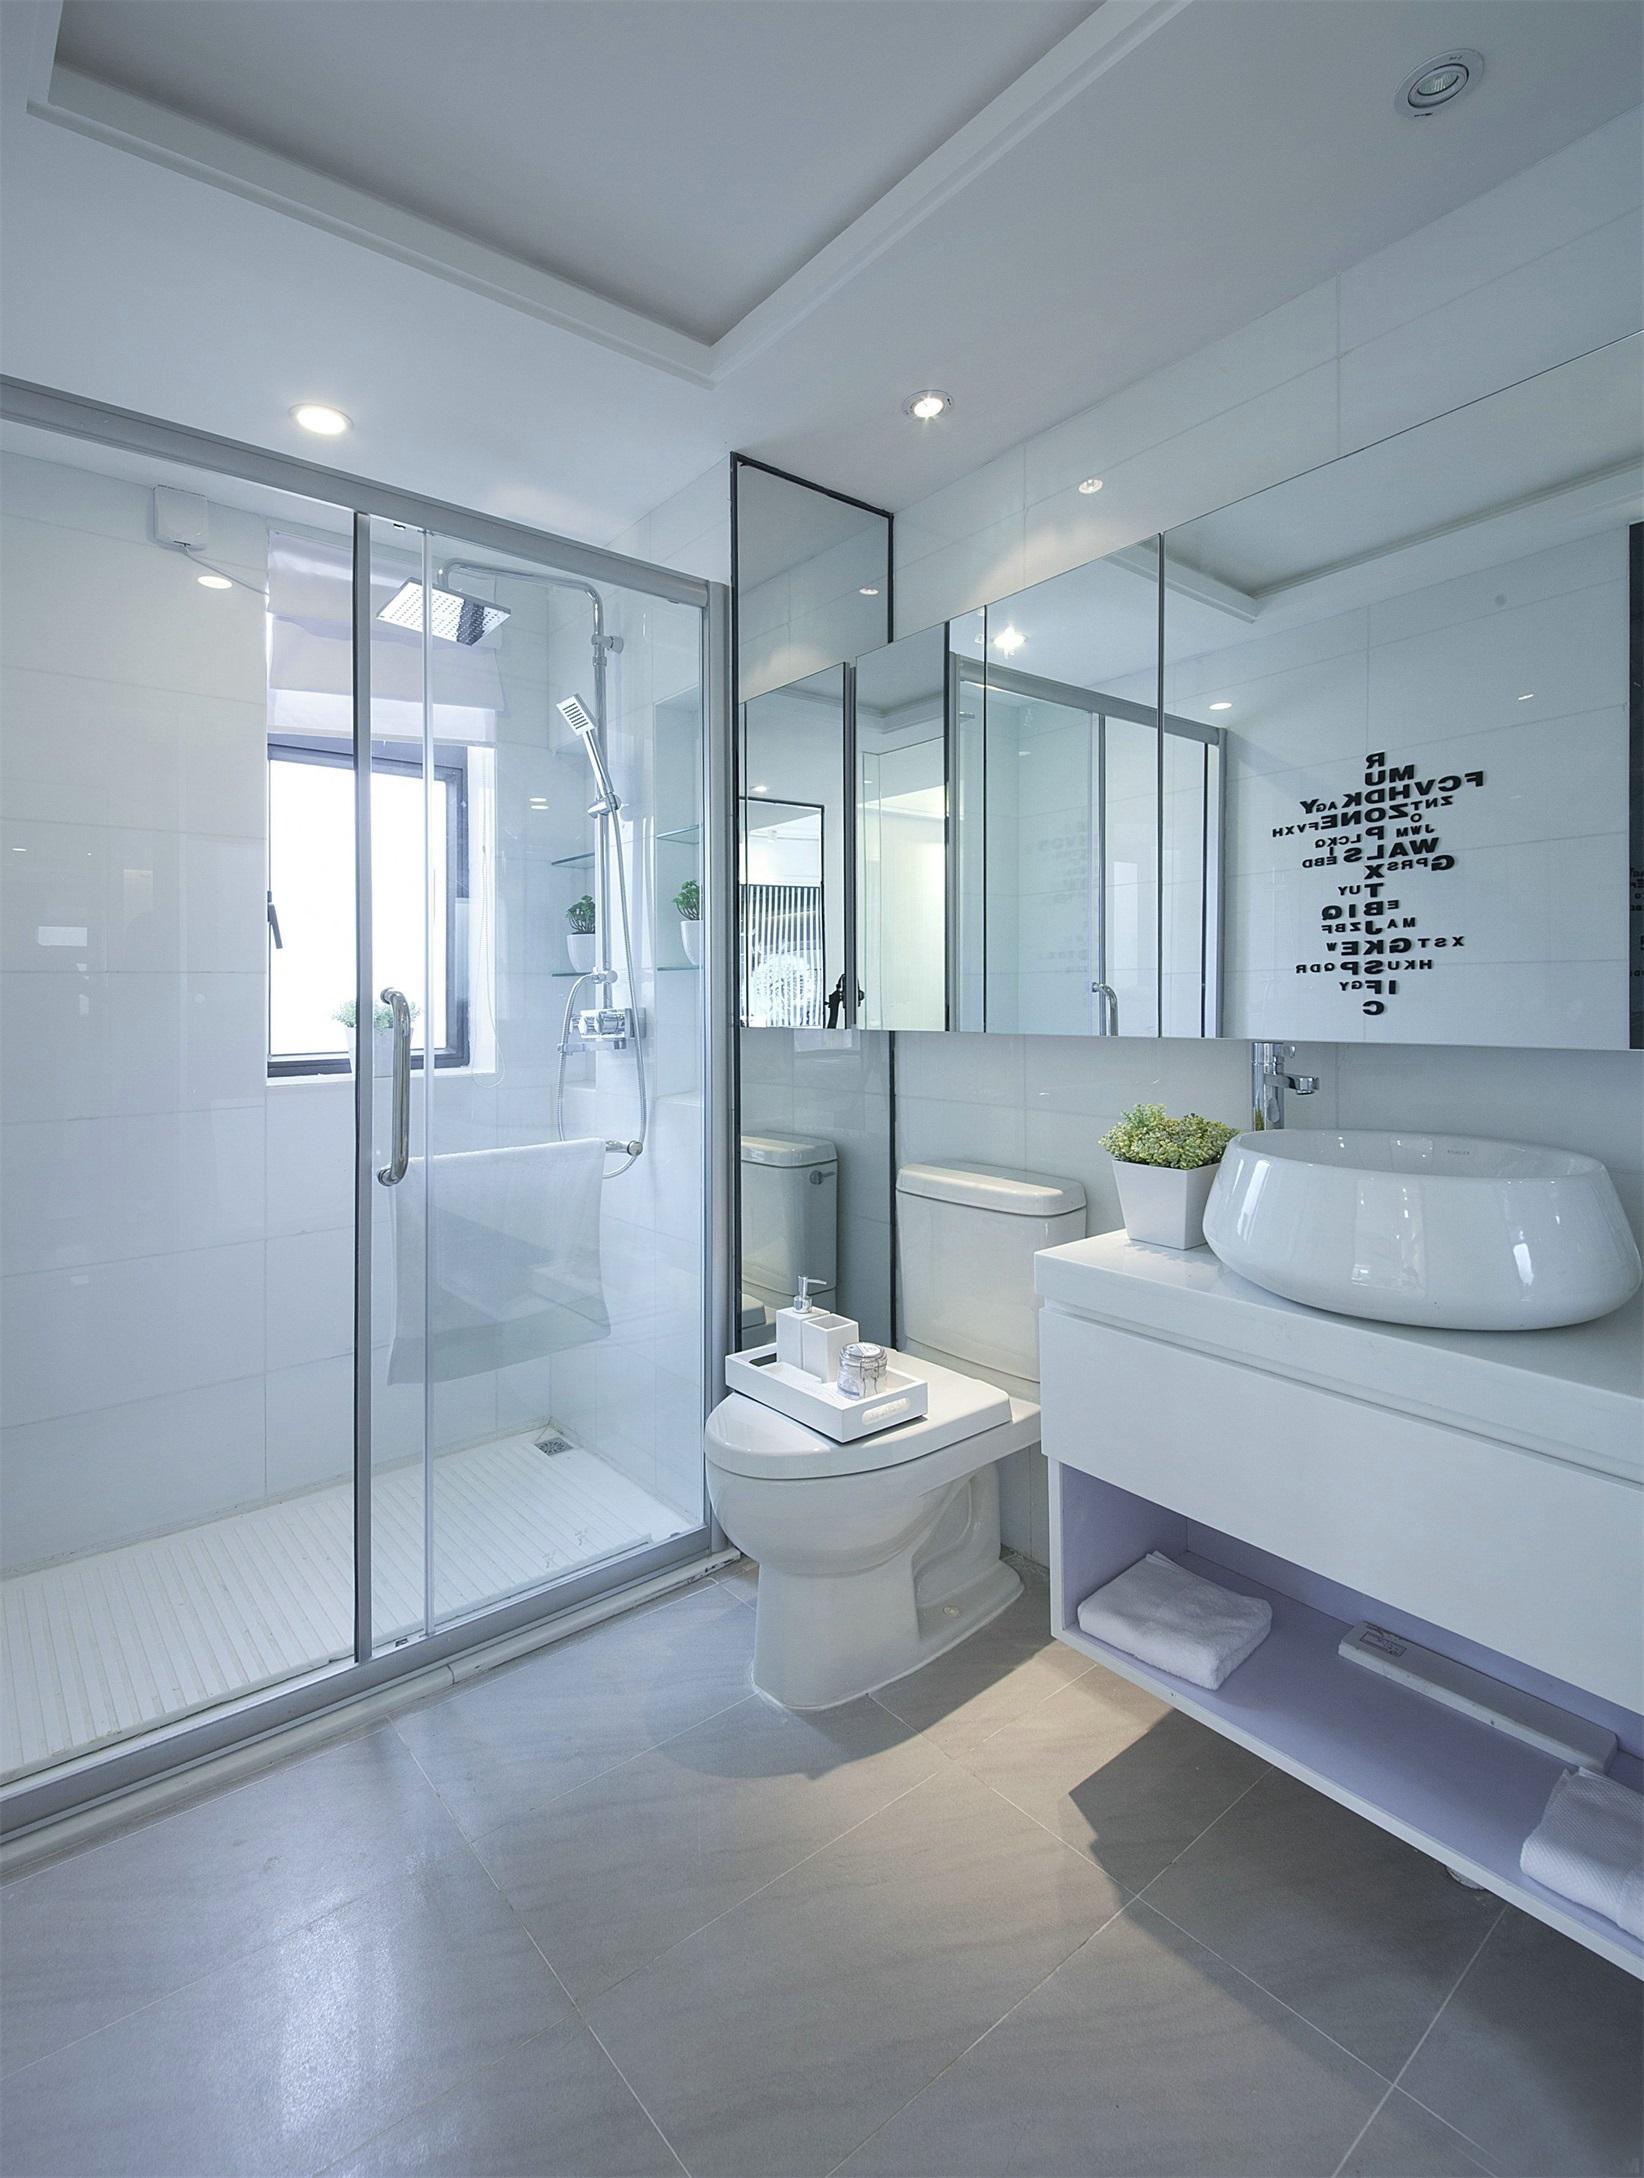 衛生間設計讓空間顯得幹練整潔,硬朗的線條營造出空間的個性,幹濕分離彰顯著空間的層次性。